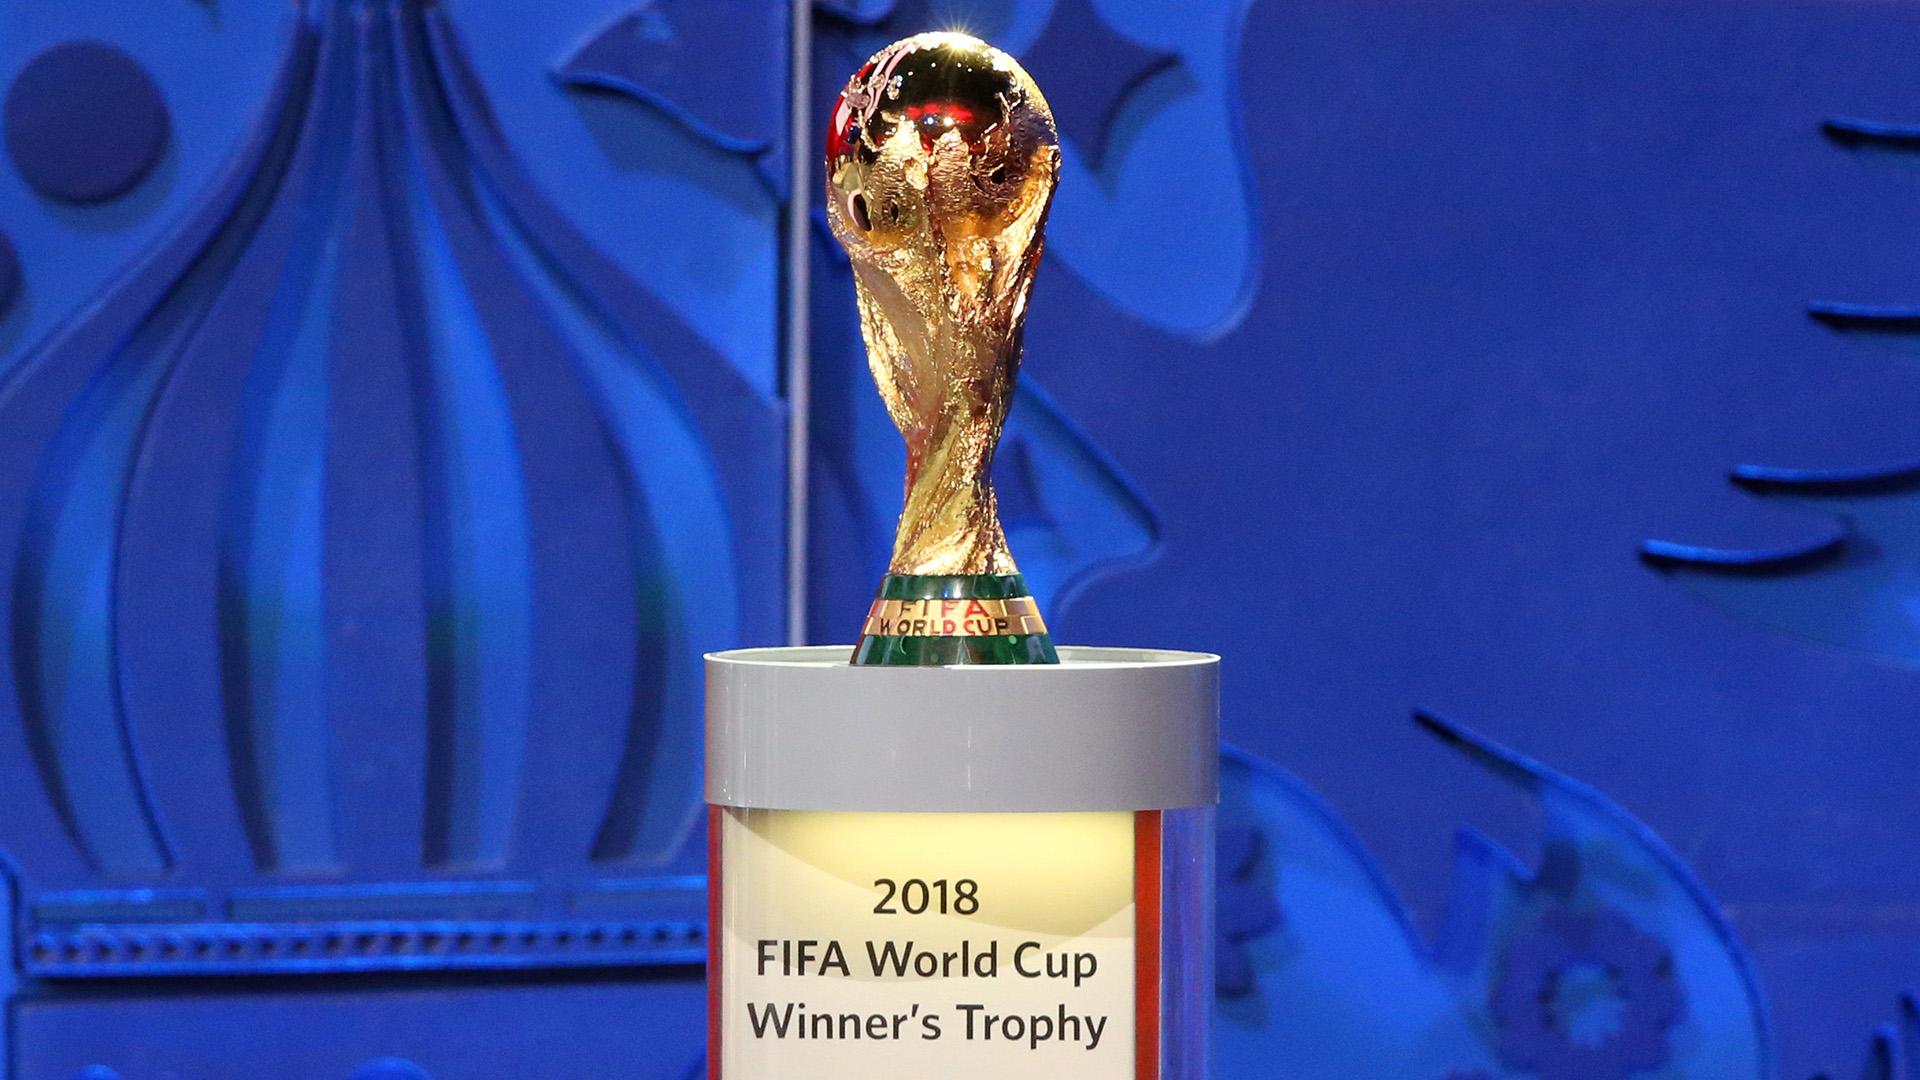 Good Budweiser World Cup 2018 - fifa-world-cup-draw_5vey2p0lkazezivj2m4k68qg  Photograph_146558 .jpg?t\u003d100214815